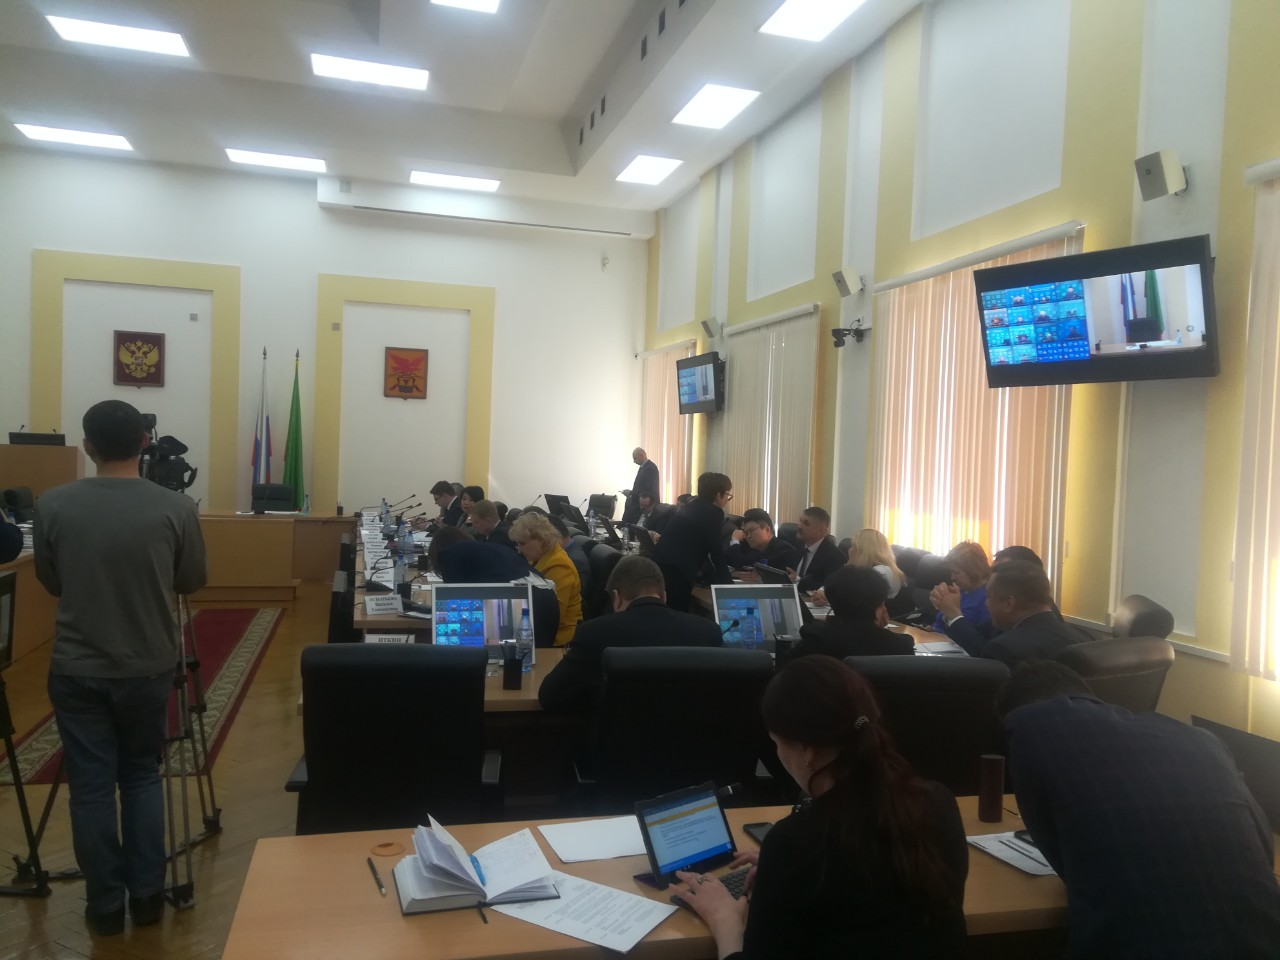 Полпред Трутнев на час сдвинул совещание по поводу пожаров в Забайкалье